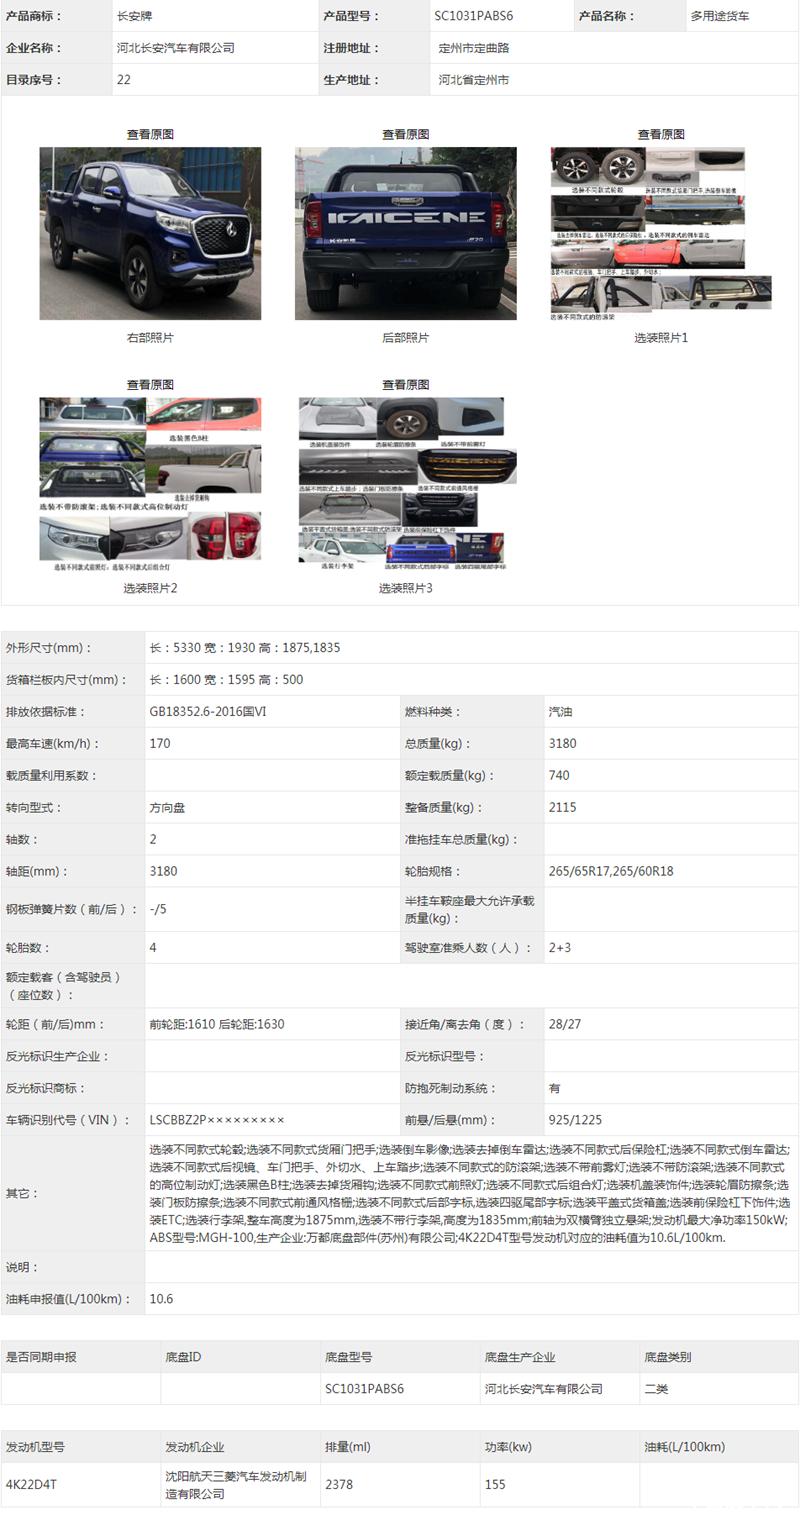 采用品牌标识 新款长安凯程F70申报信息曝光